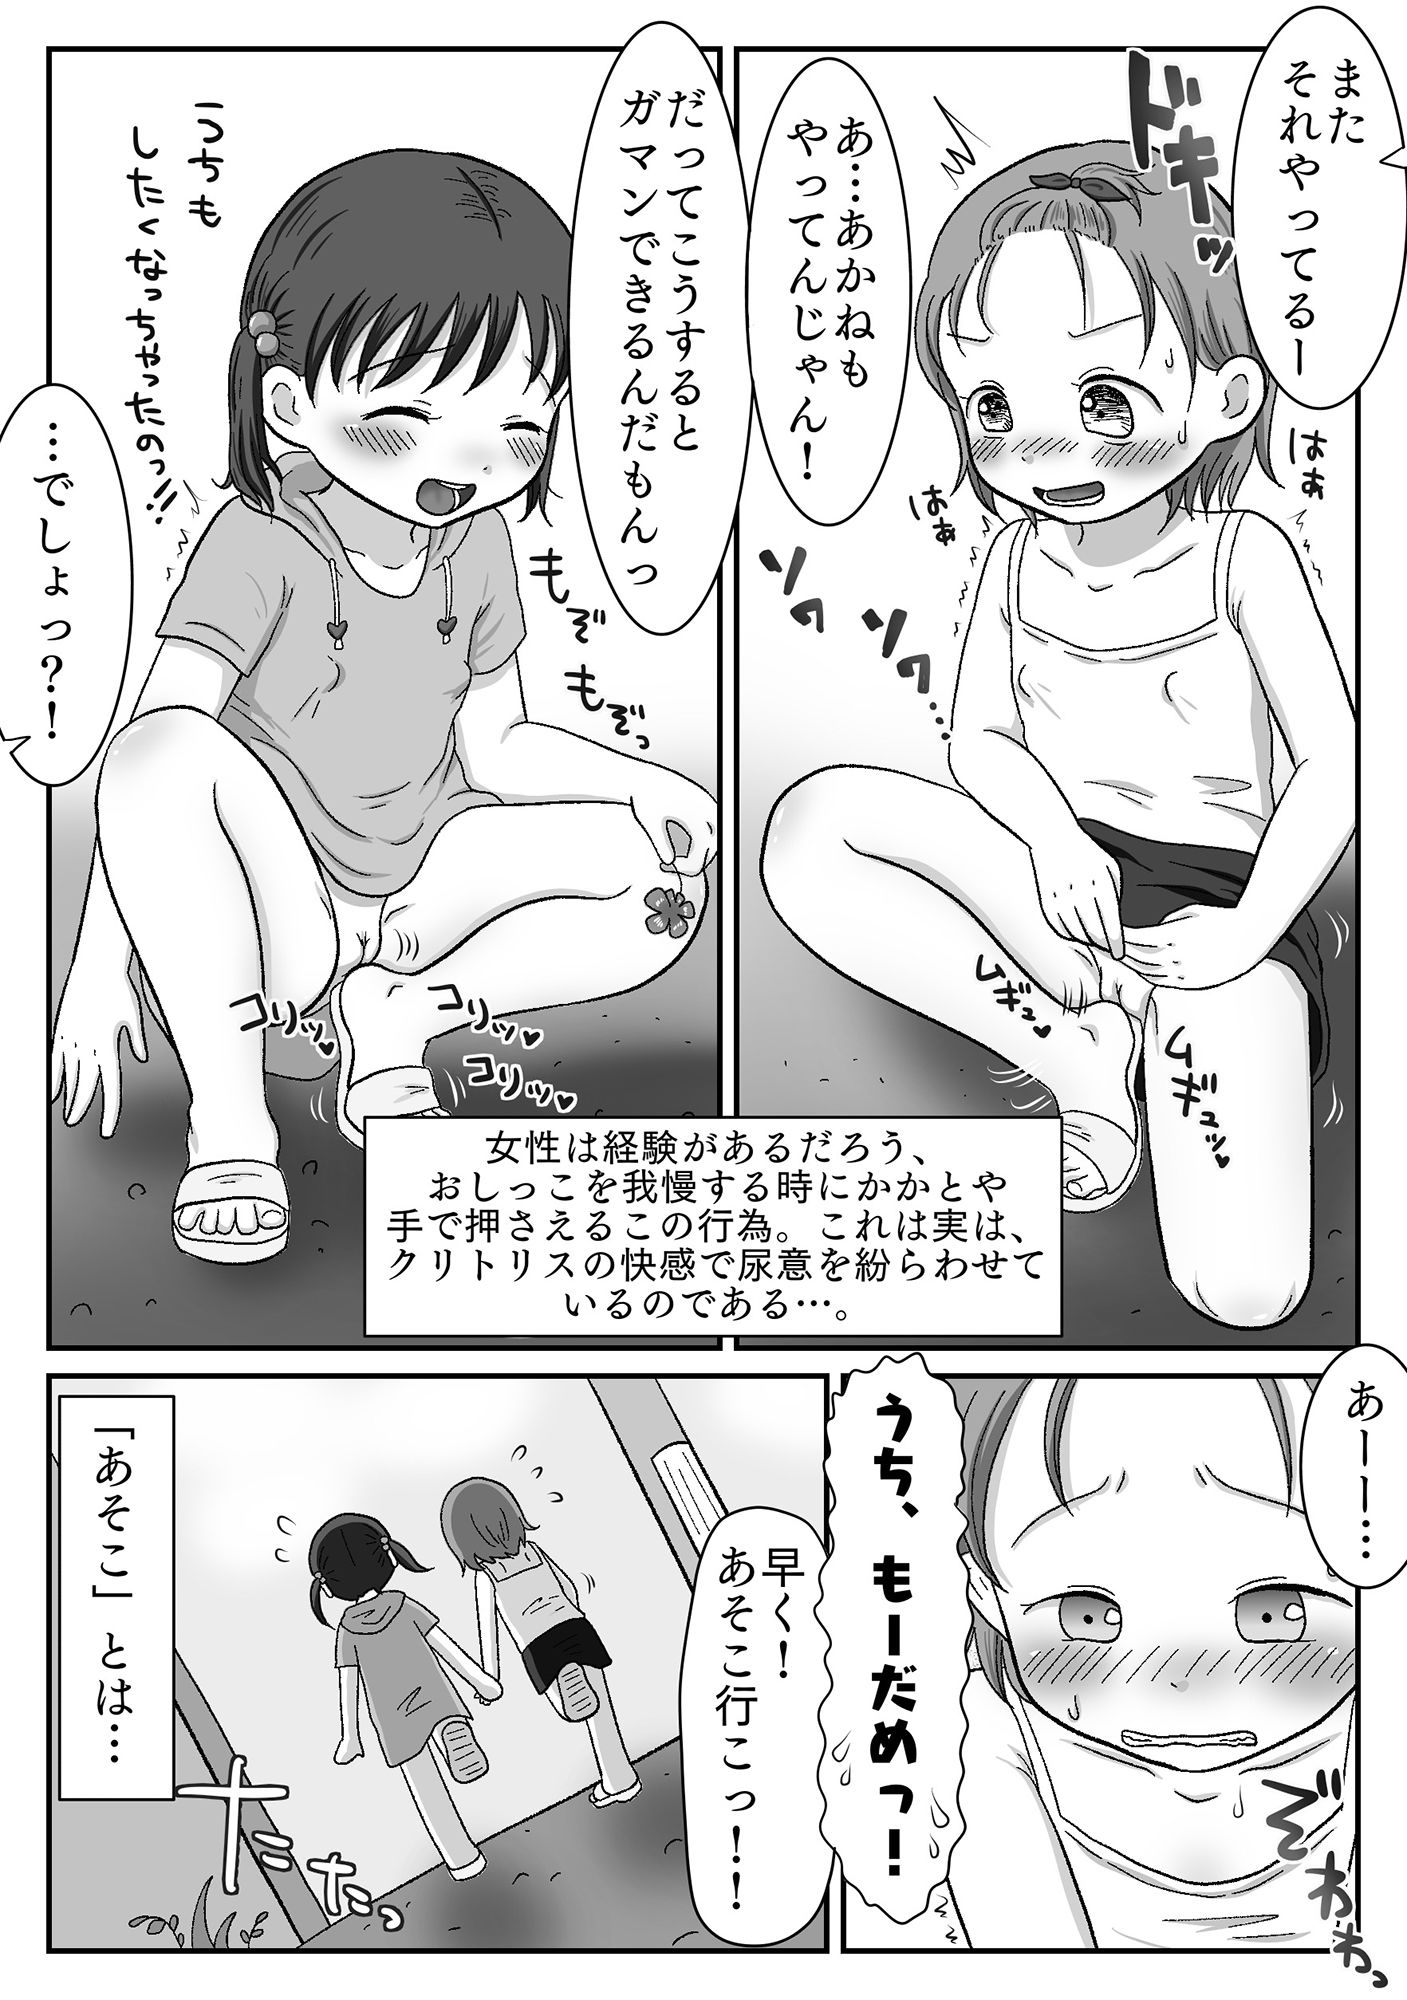 【エロ漫画無料大全集】【レイプエロ漫画】連れション好き少女が最終的にレイプされる話に勃起が収まらないwww